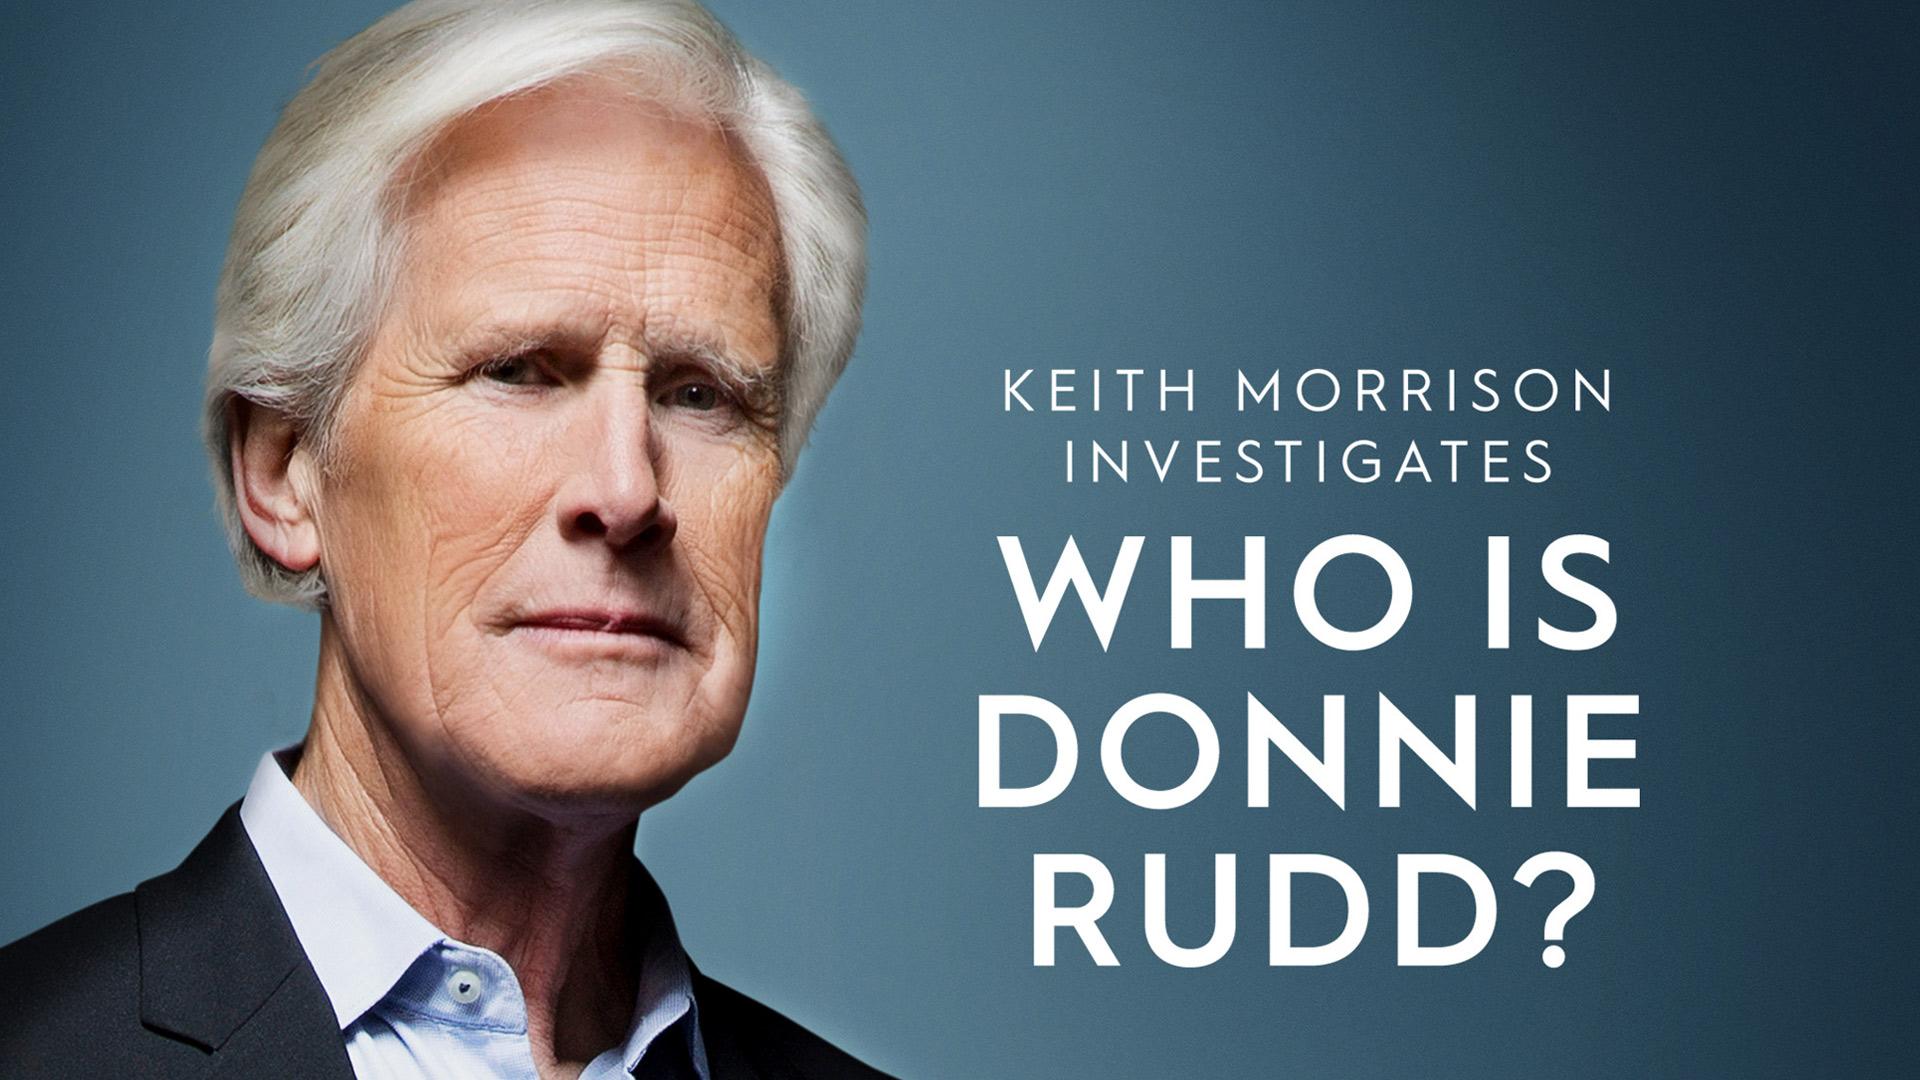 Who is Donnie Rudd? Keith Morrison Investigates Season 1